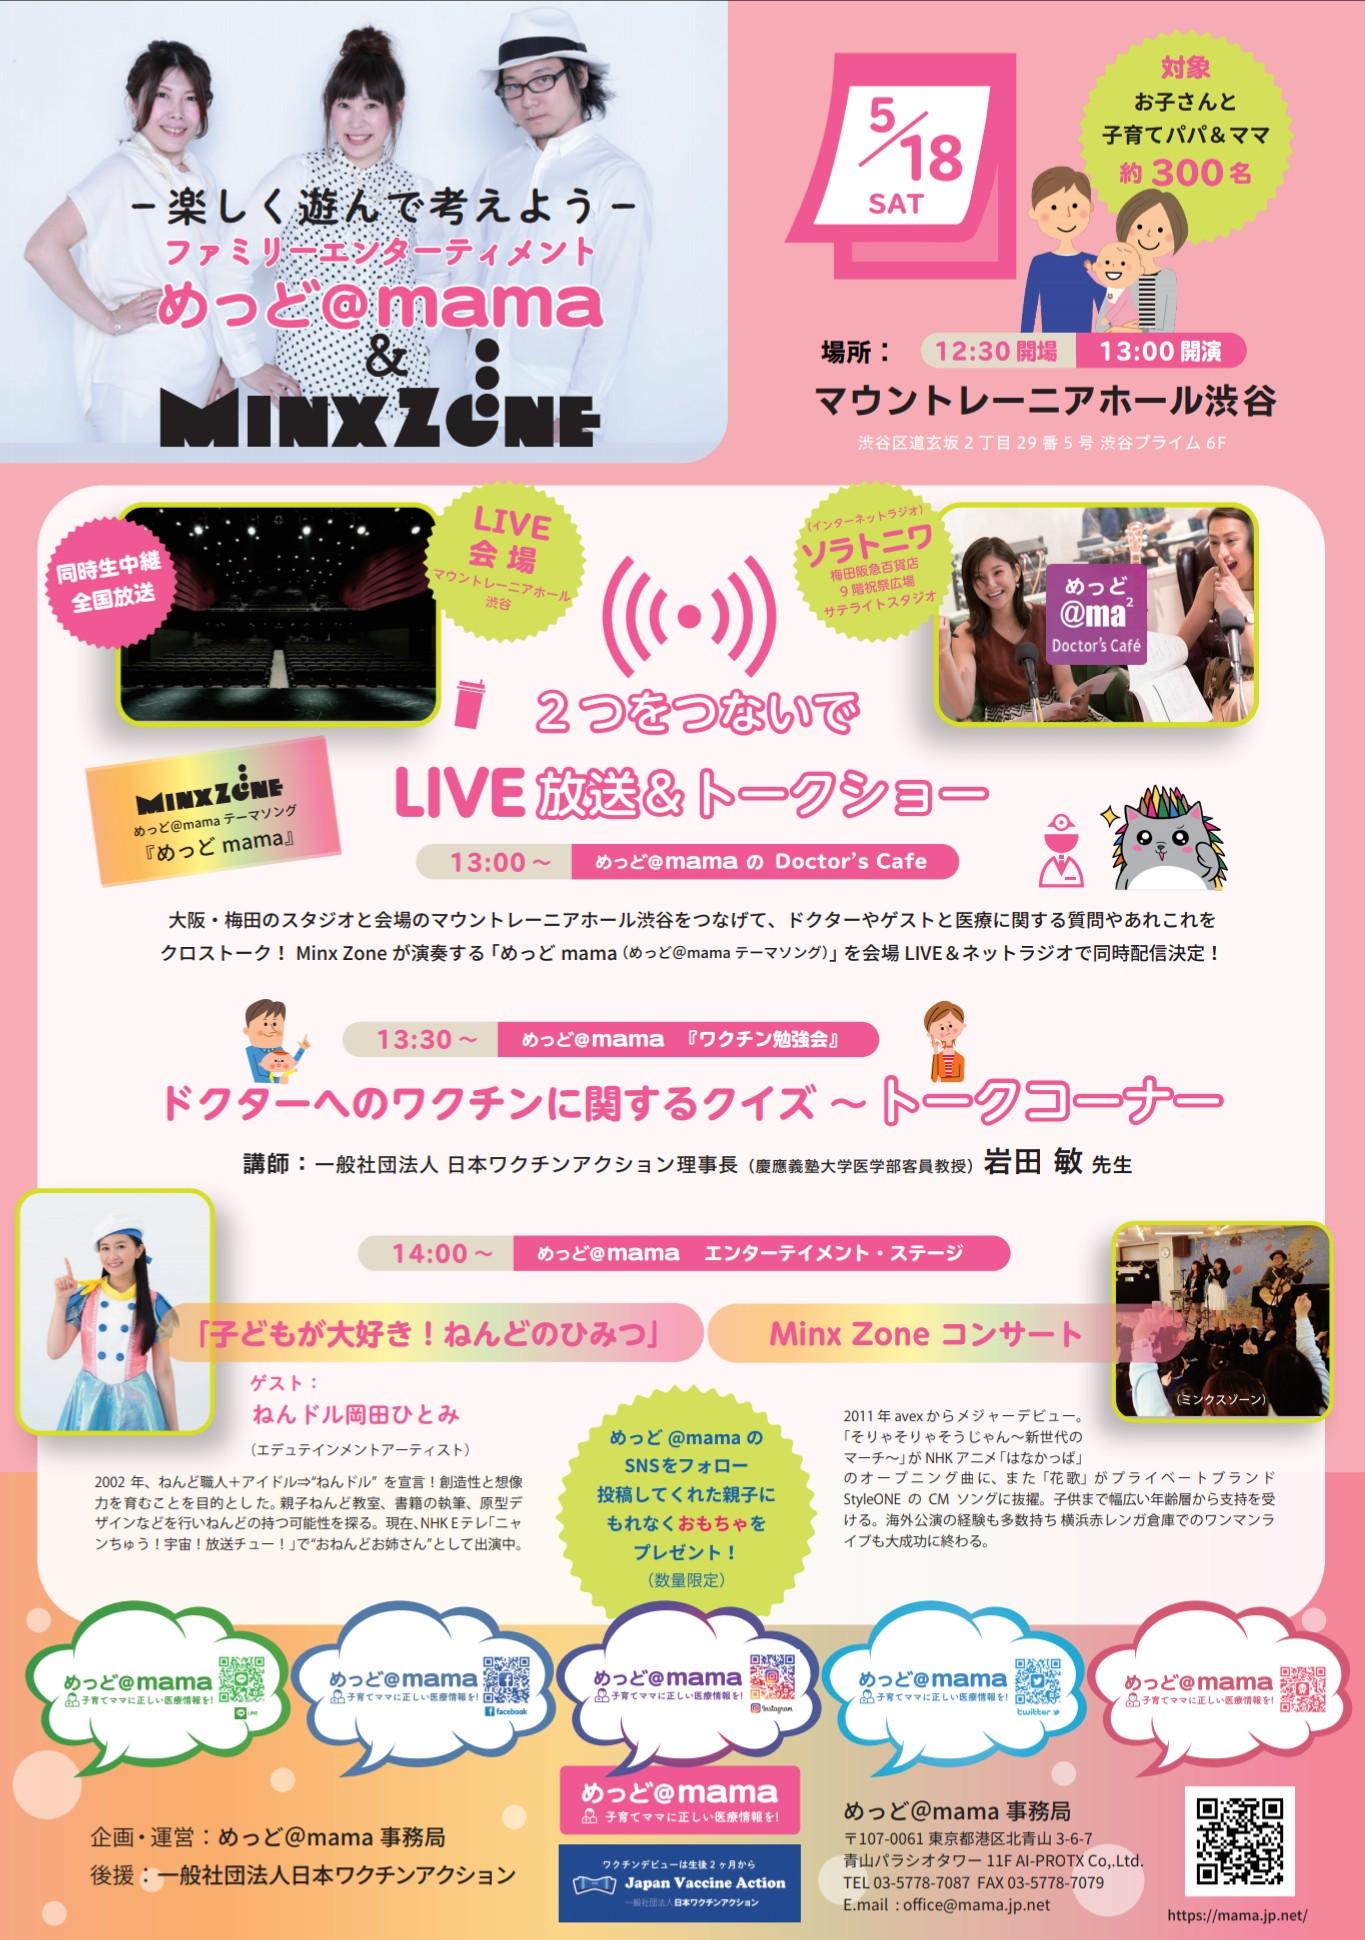 【イベント出演 5/18】ー楽しく遊んで考えようーファミリーエンターテイメント めっど@mama & MINXZONE